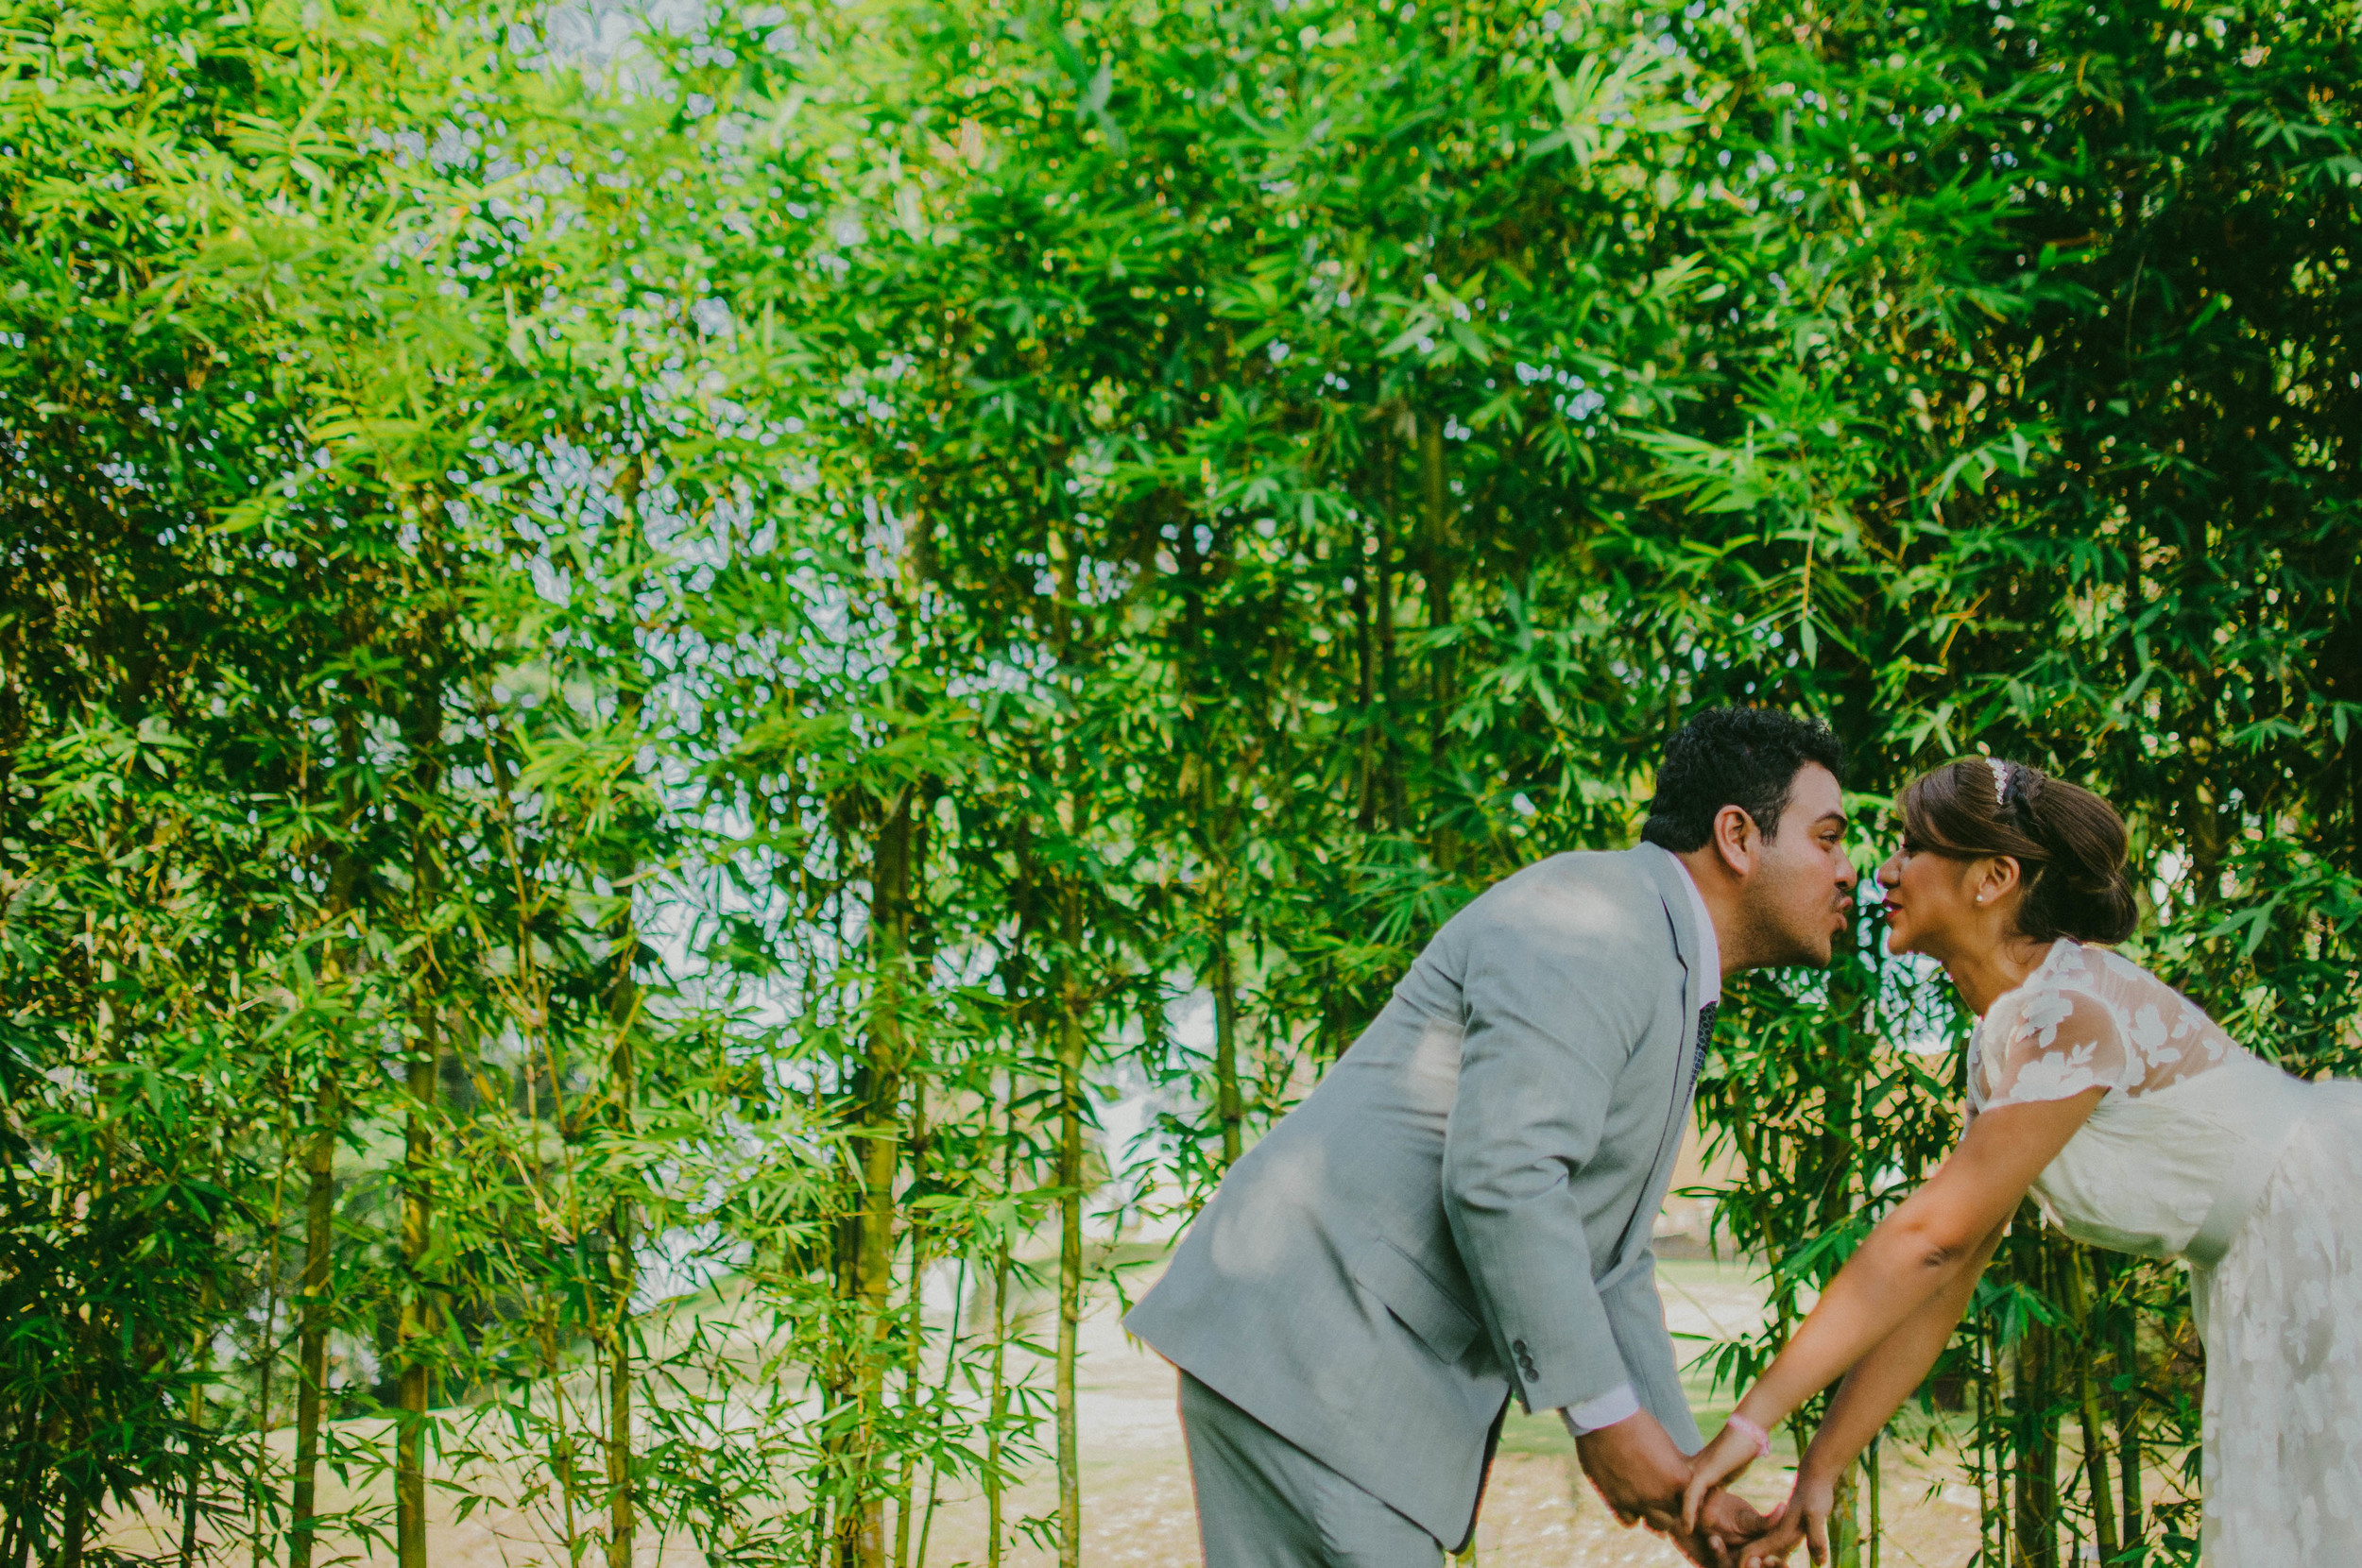 liliana y juan arturo - boda civil71.jpg